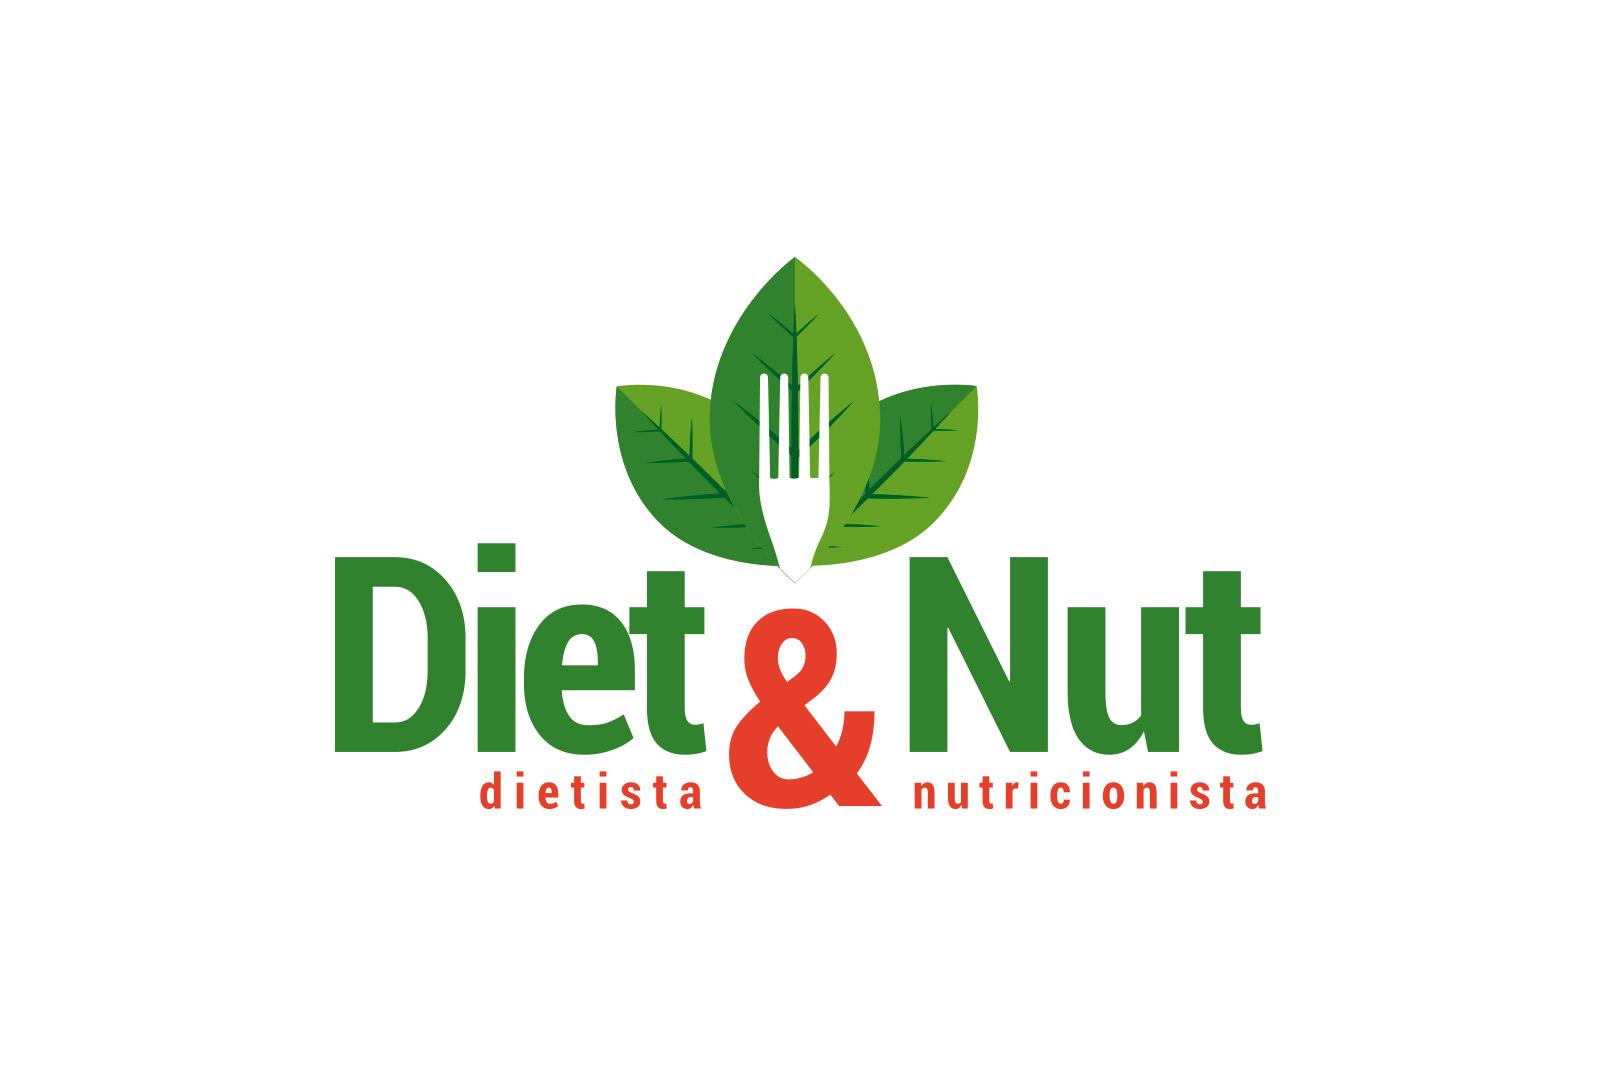 Diet&Nut dietista nutricionista